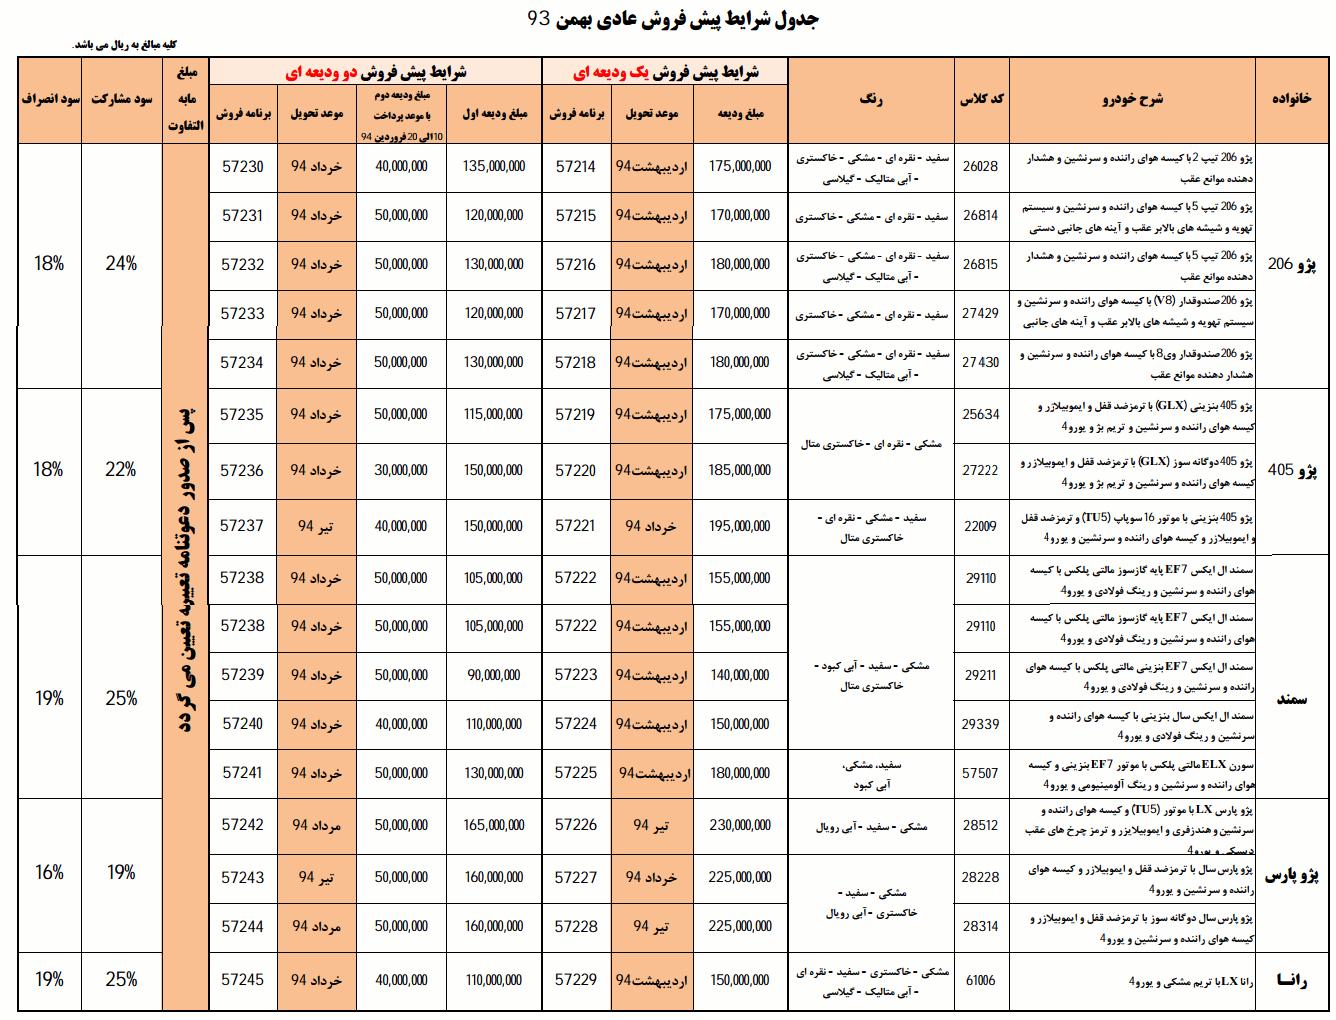 آخرین قیمت فروش محصولات مدیران خودرو